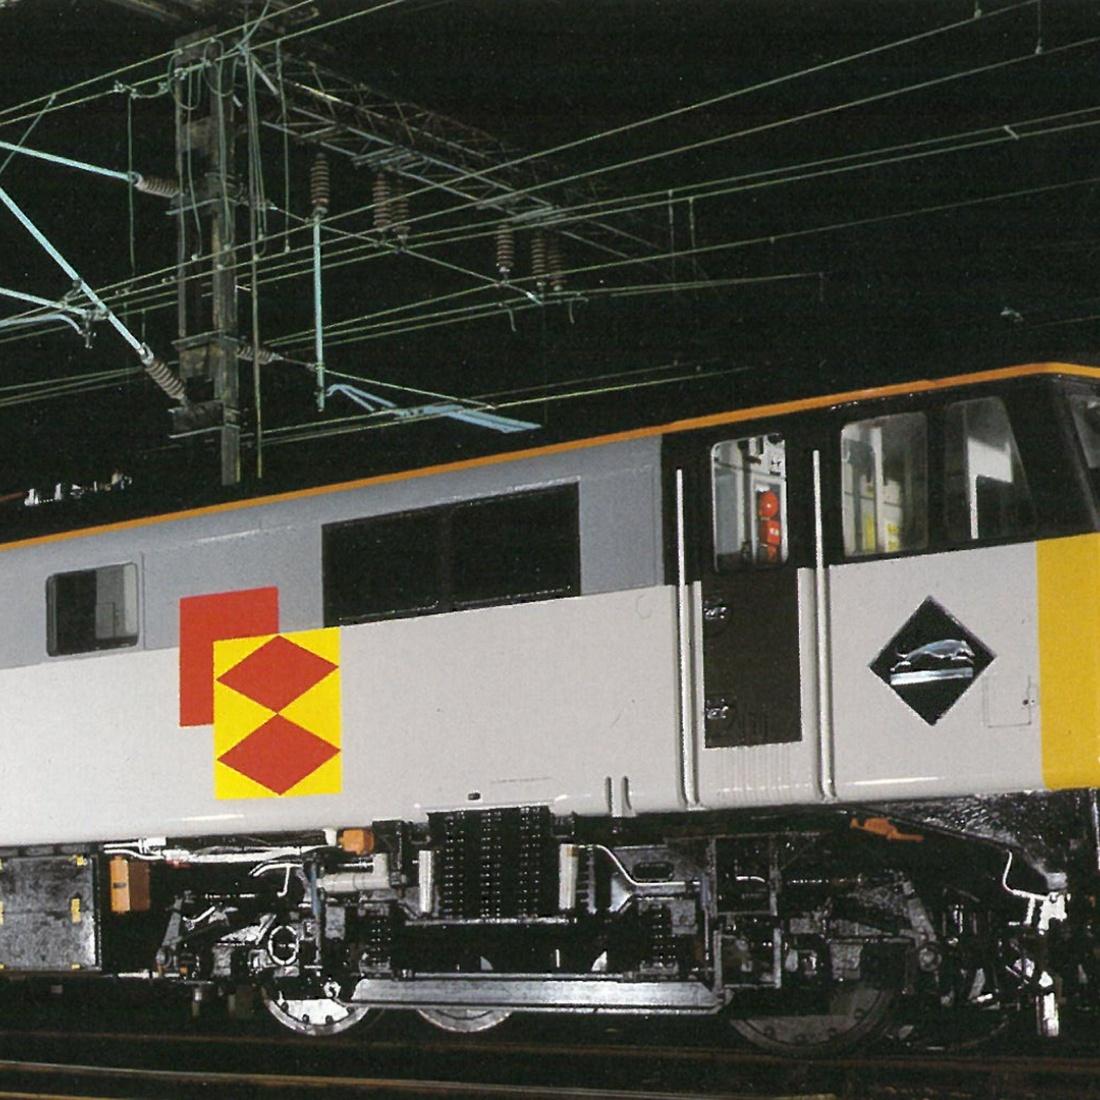 英国铁路公司Roundel的革命性的vi视觉形象设计